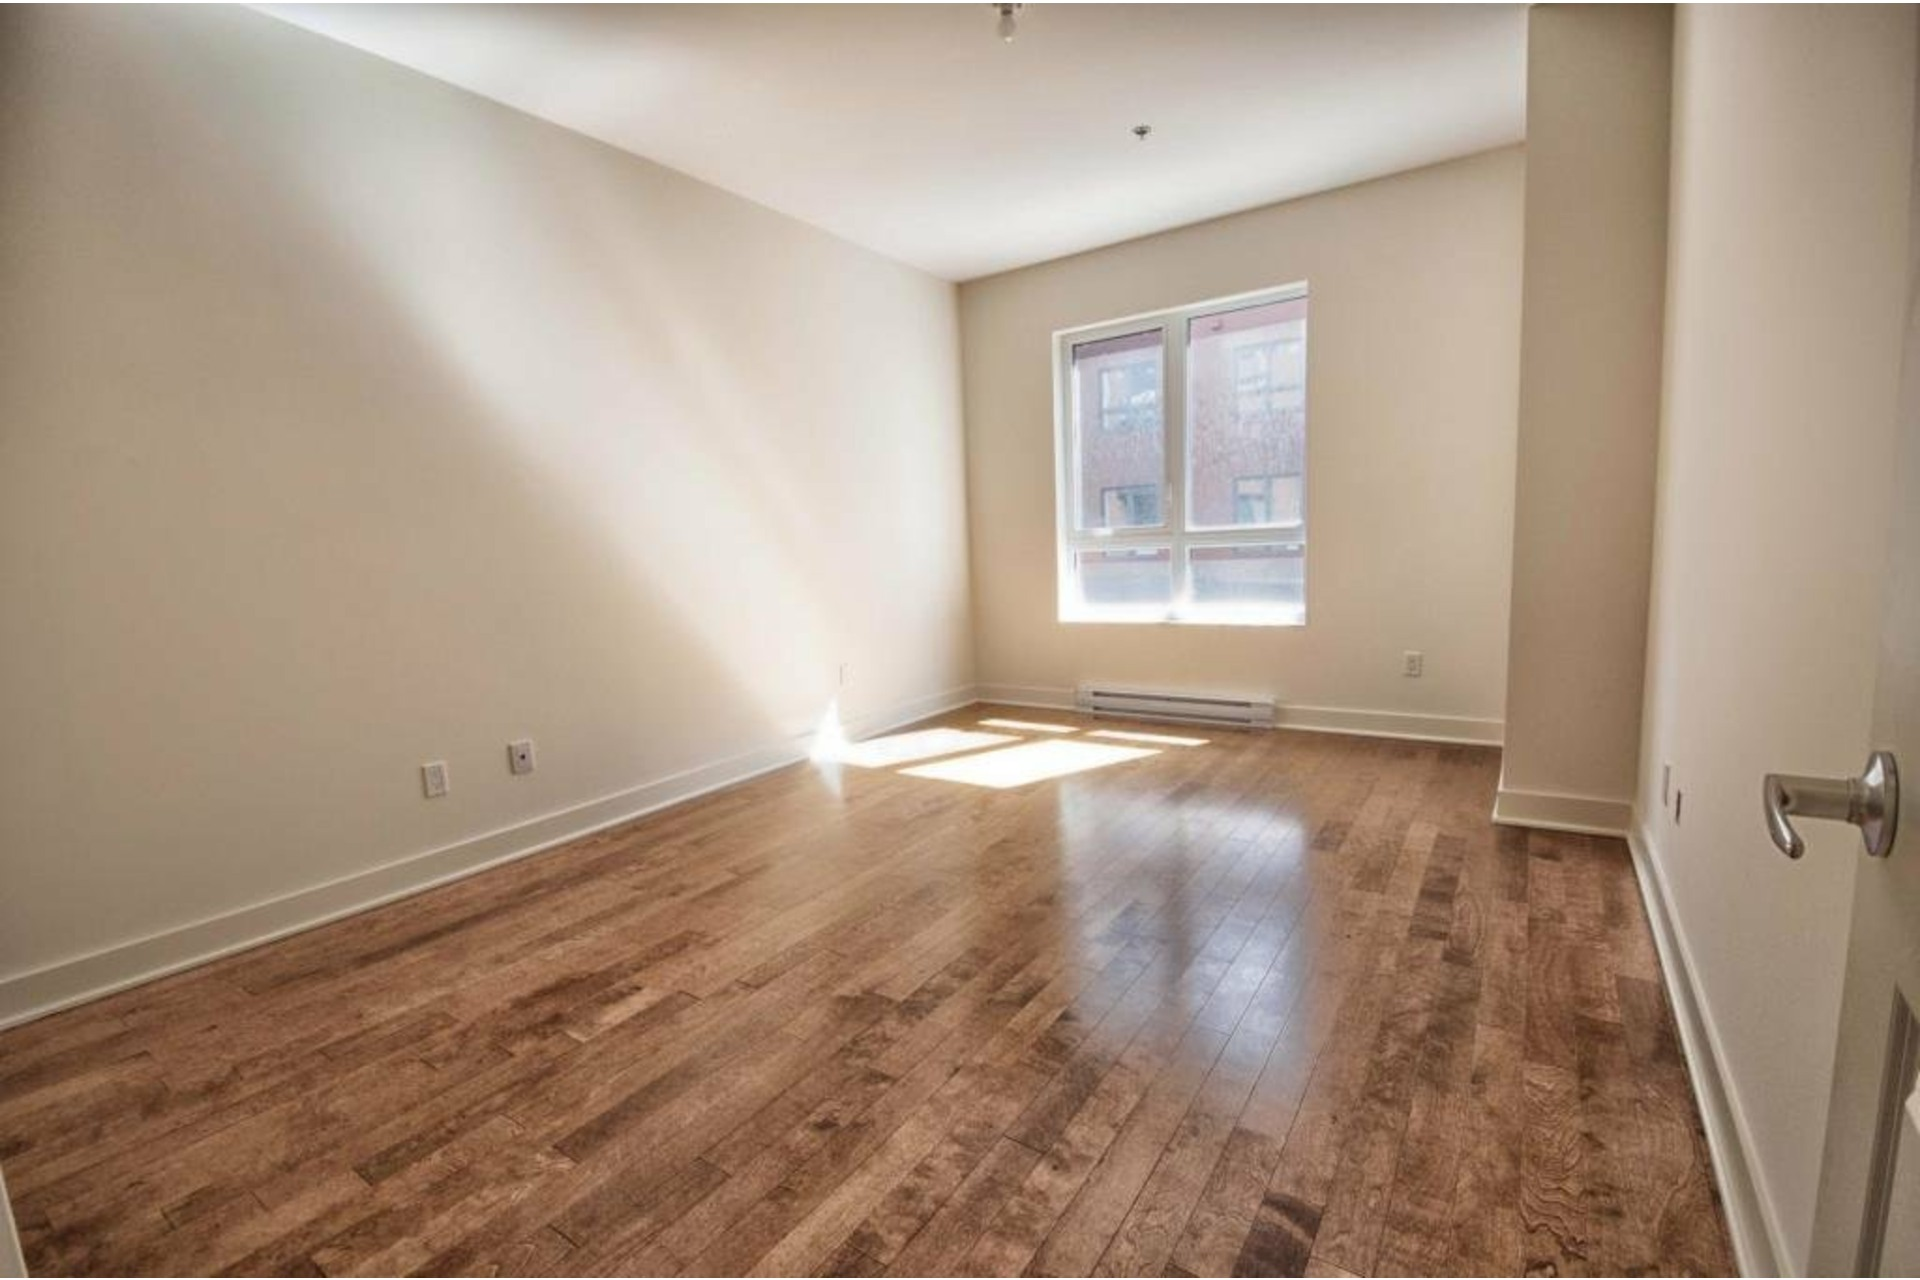 image 13 - Apartment For rent Rivière-des-Prairies/Pointe-aux-Trembles Montréal  - 6 rooms